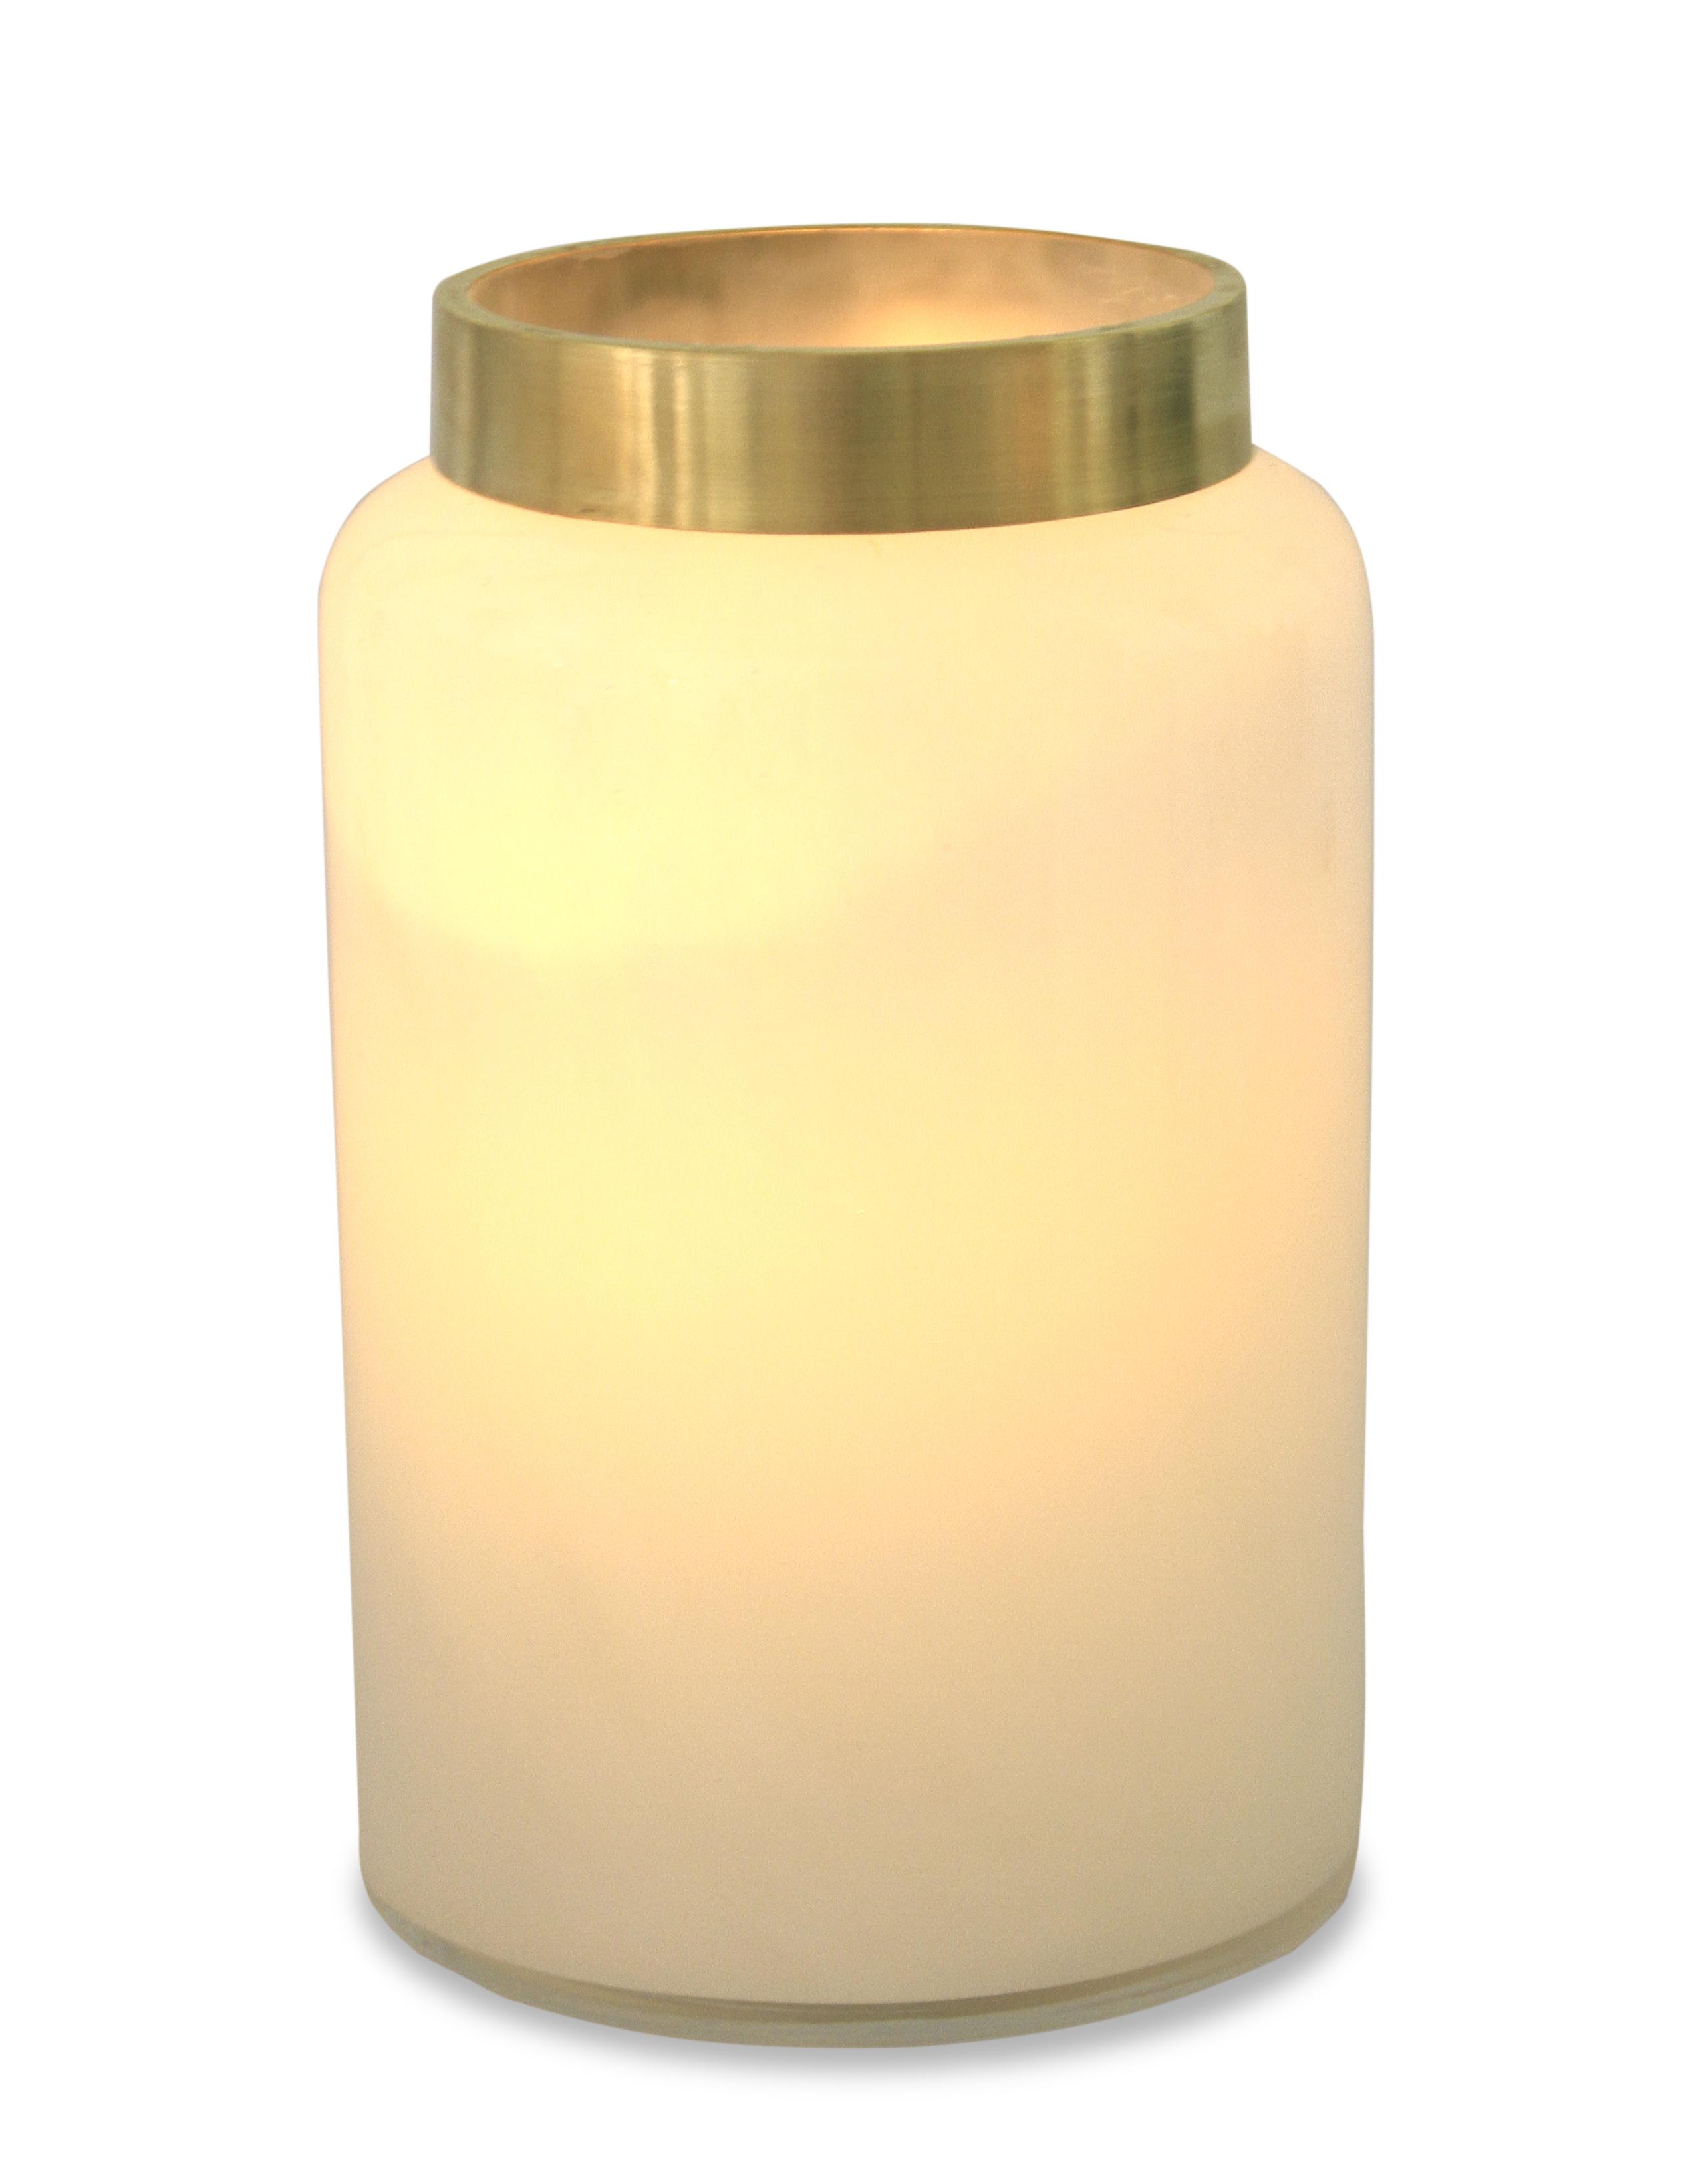 Skleněná dekorace/svícen, v mléčné bílé barvě